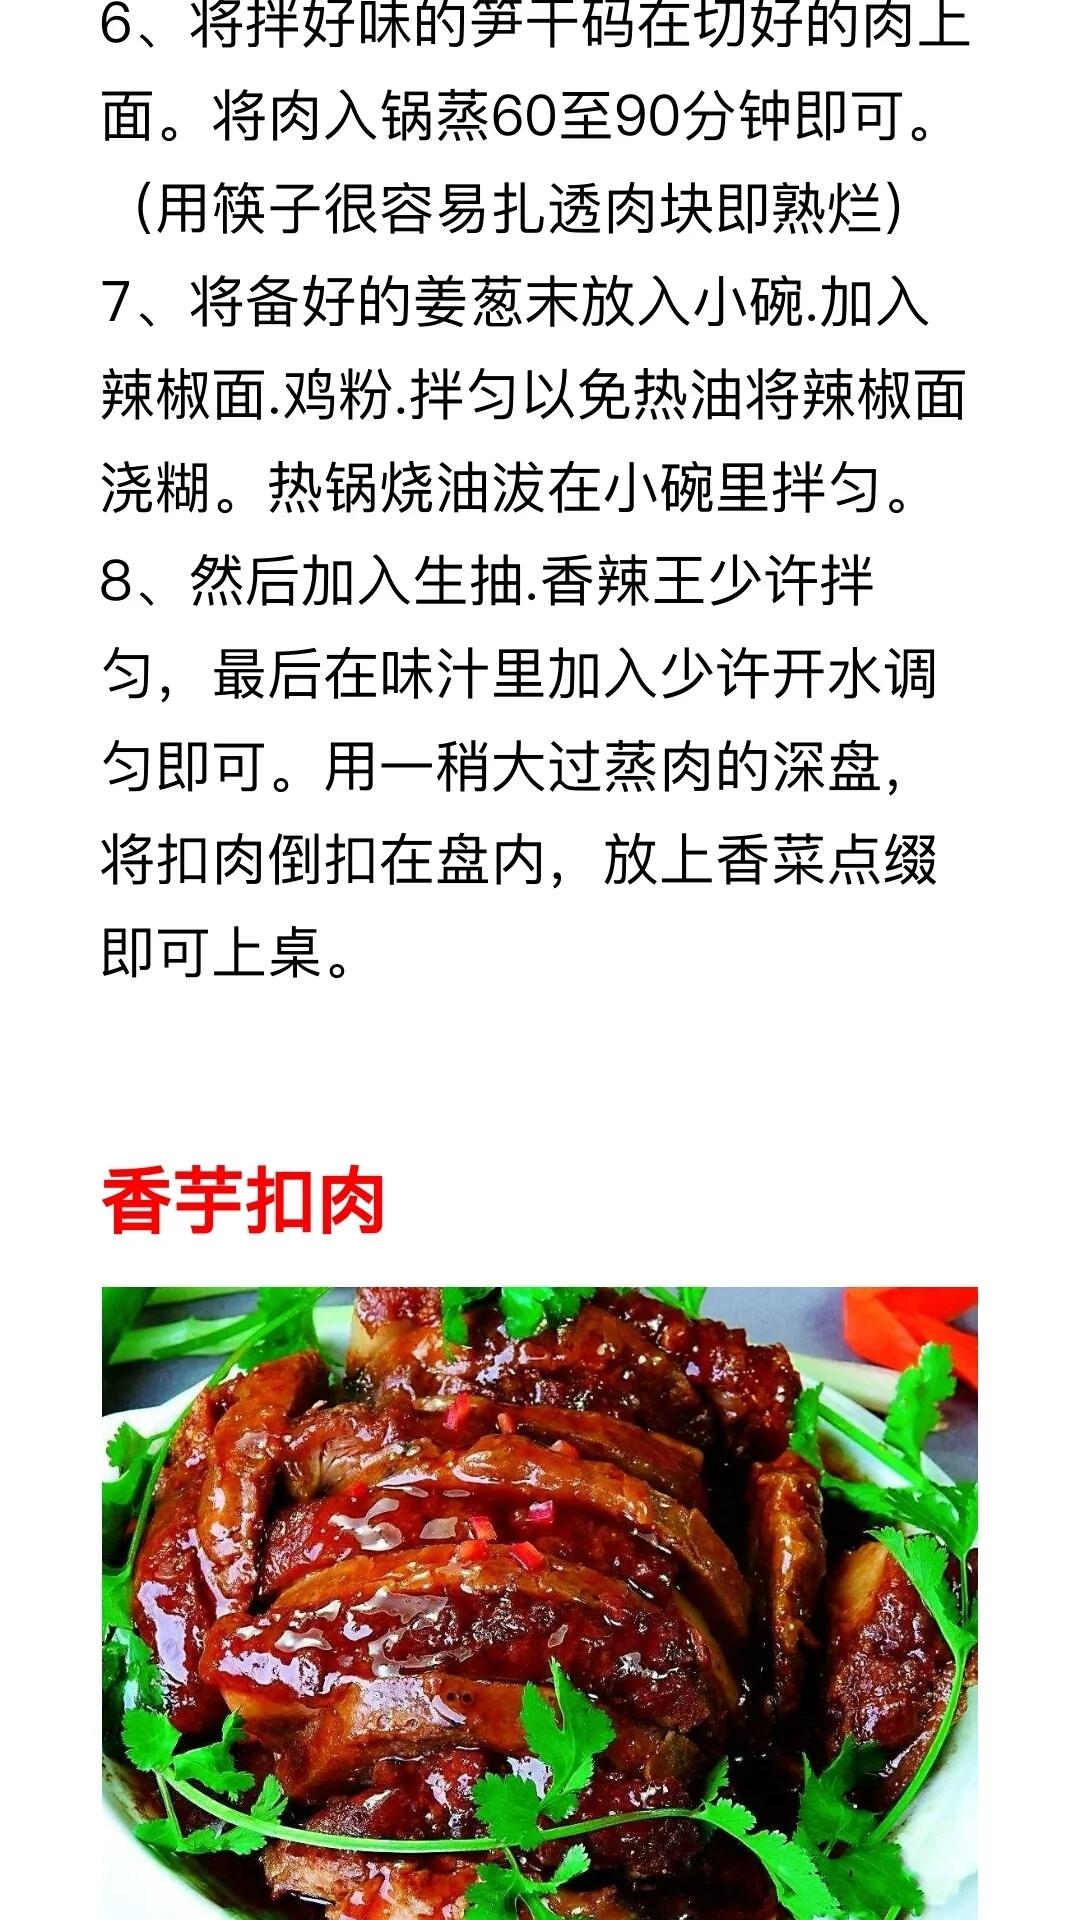 家常扣肉做法及配料 美食做法 第6张